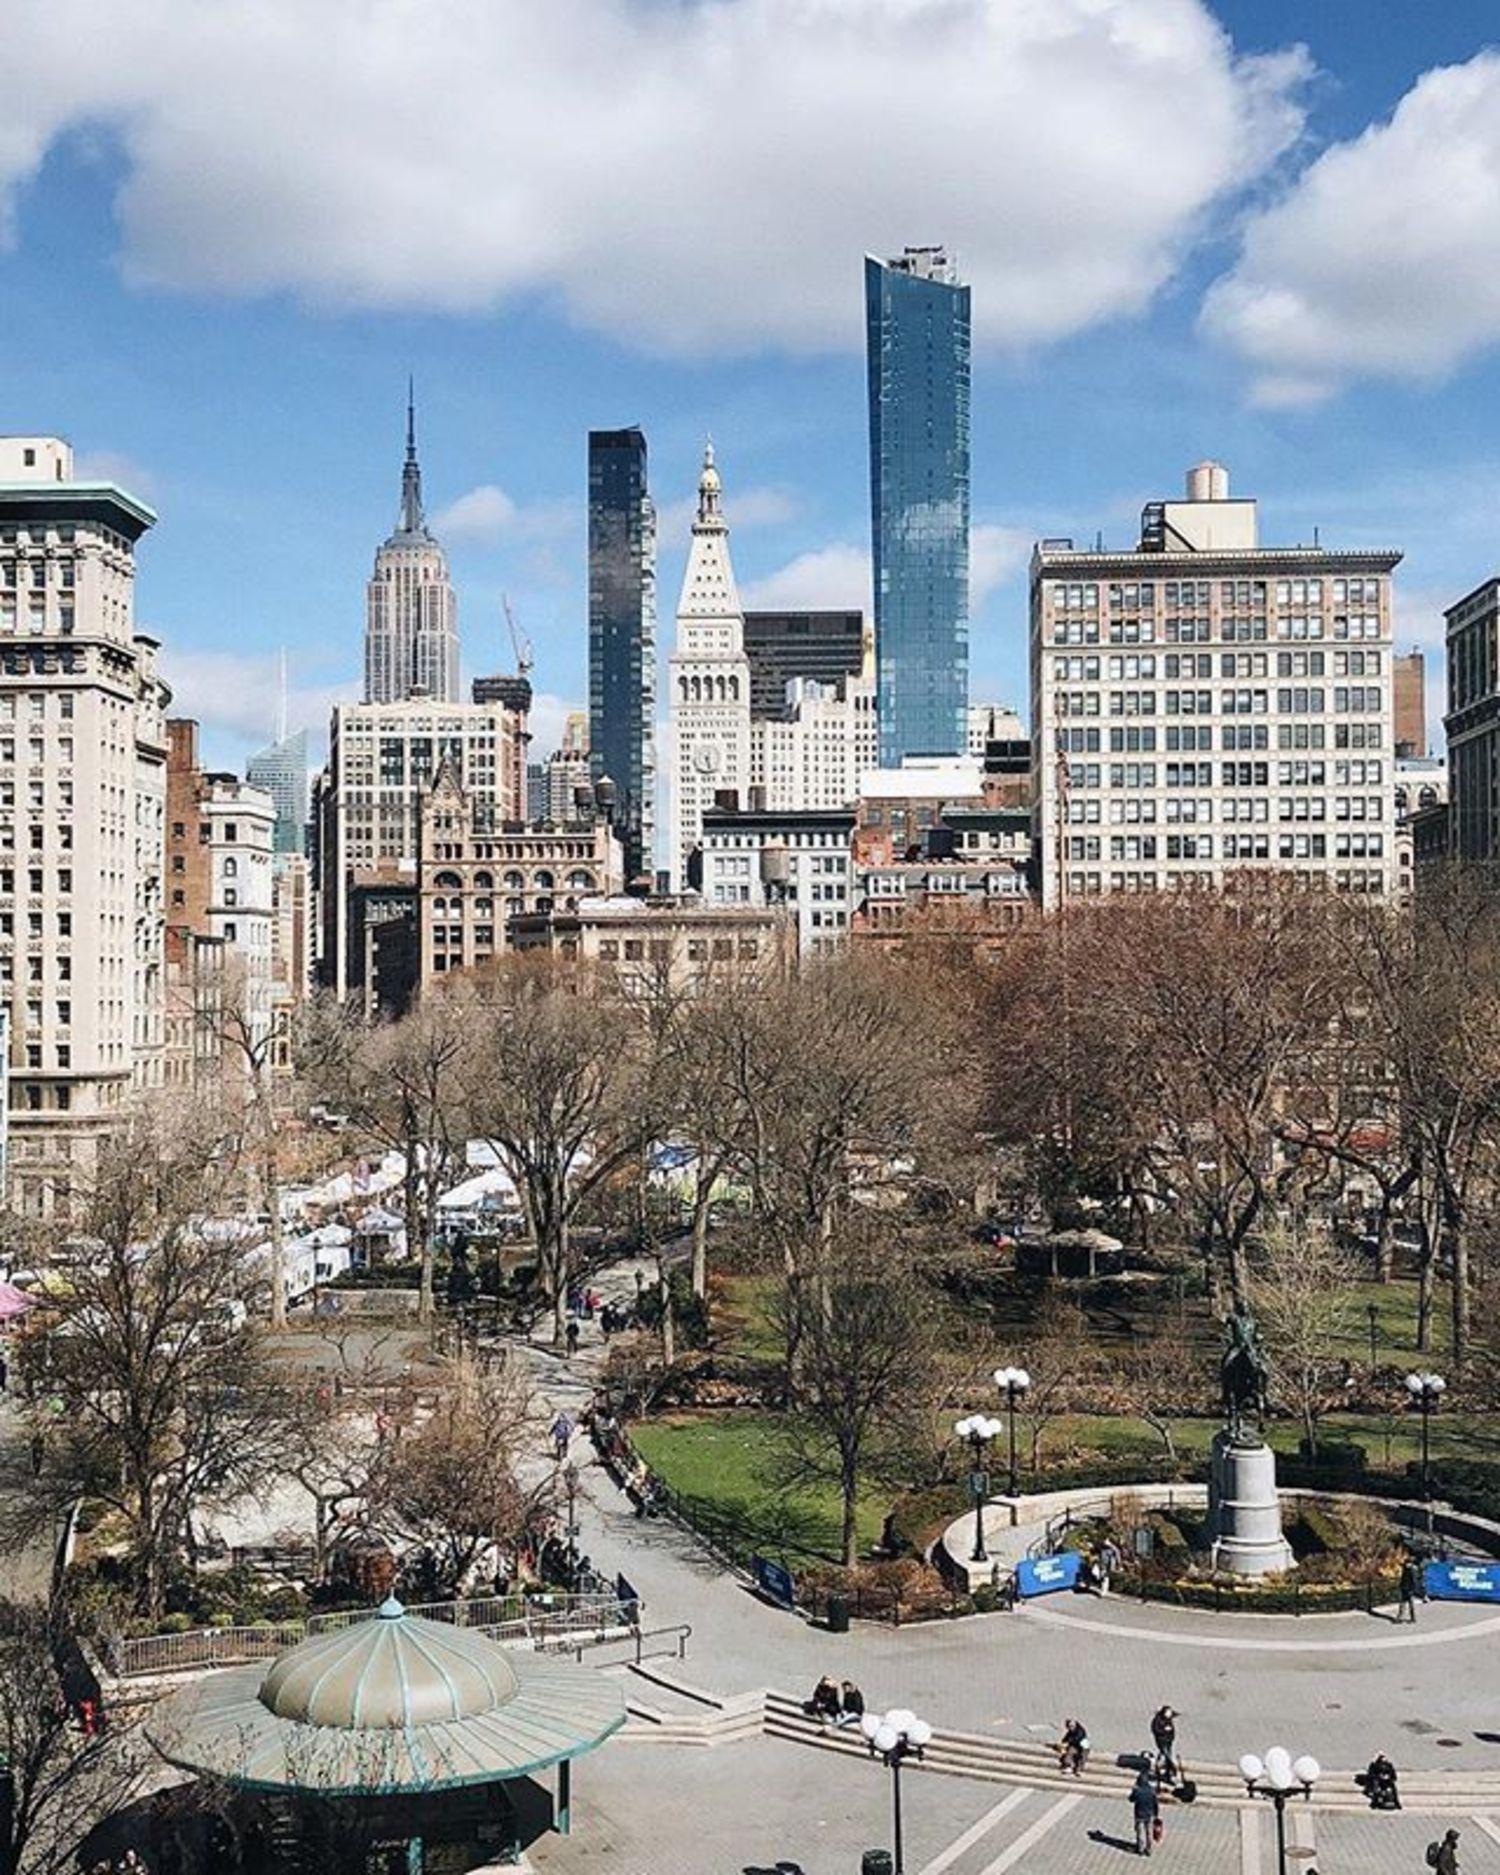 Union Square, New York. Photo via @melliekr #viewingnyc #newyork #newyorkcity #nyc #unionsquare